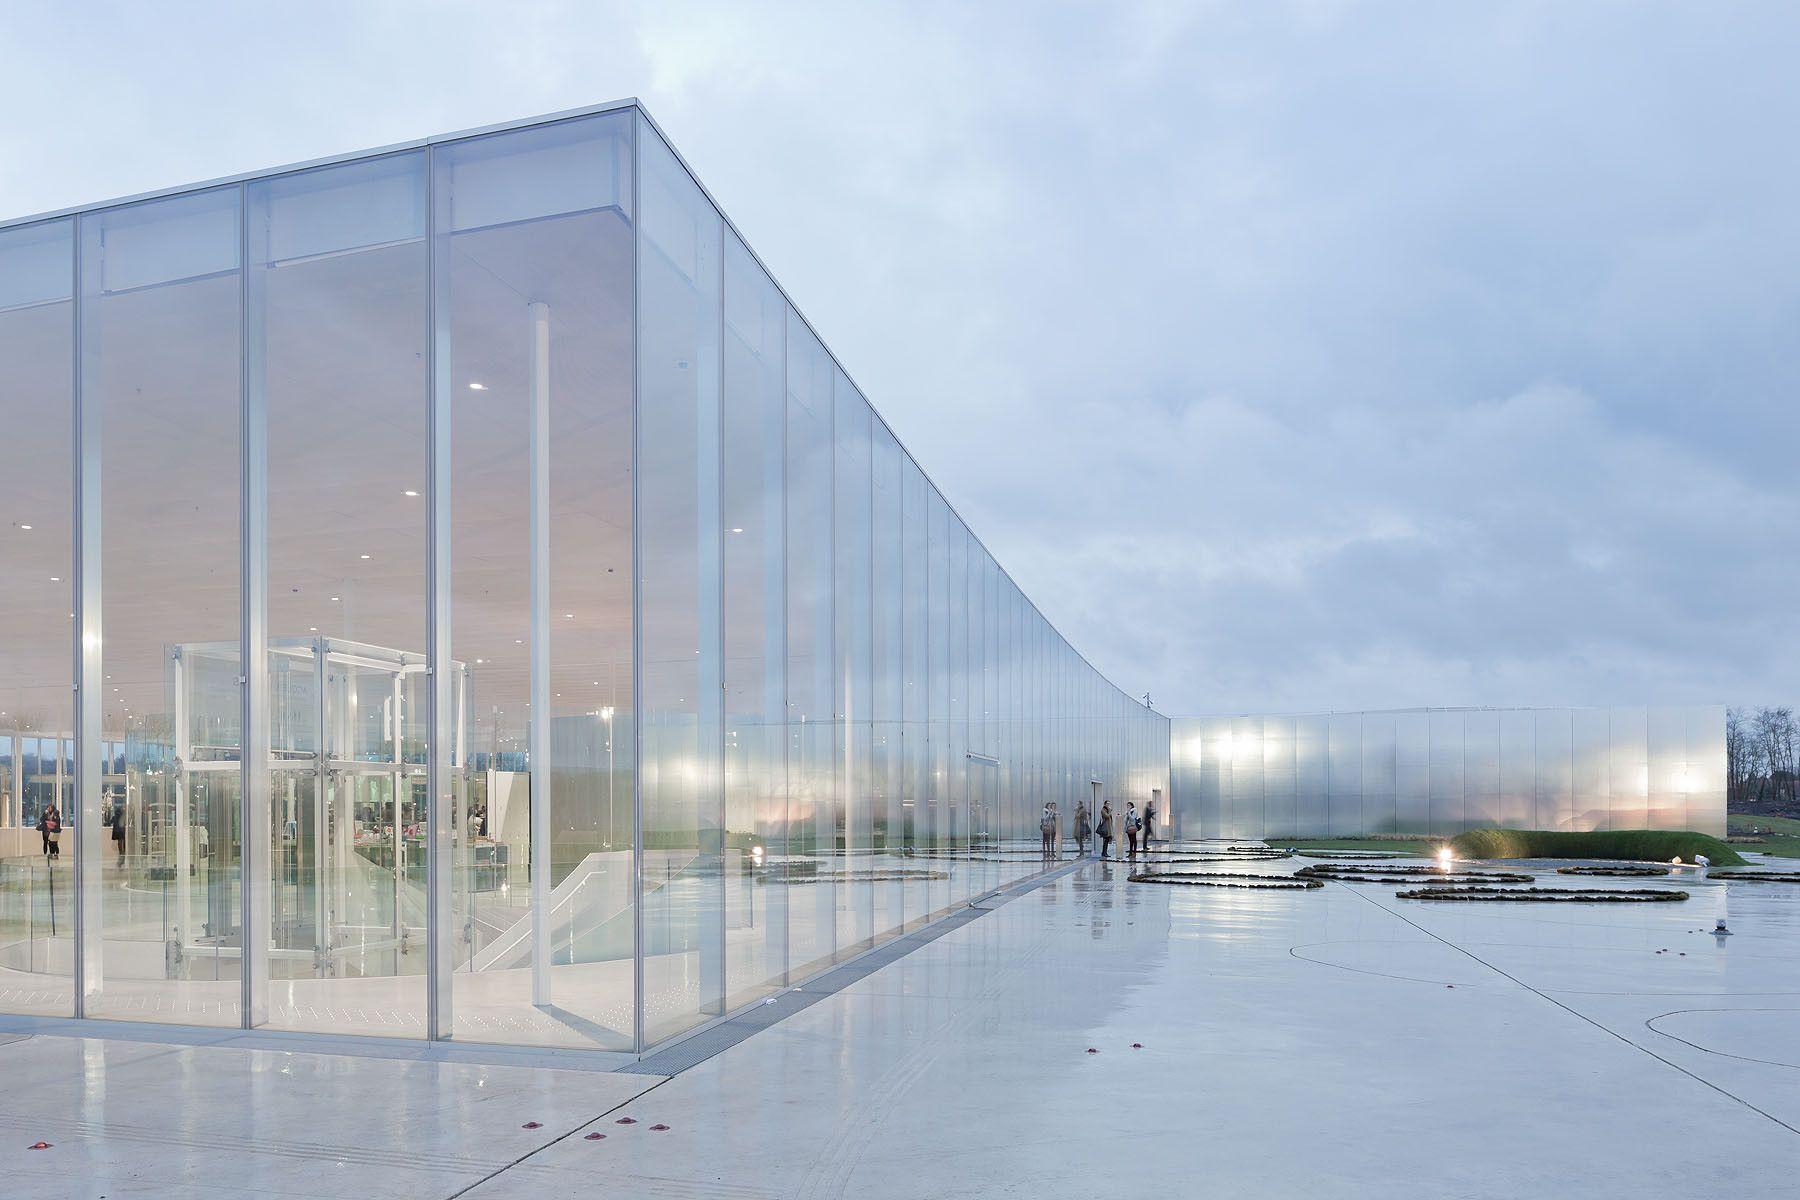 Fassade glas haus  Für die Fassaden kommen ausschließlich Glas und gebürstetes ...